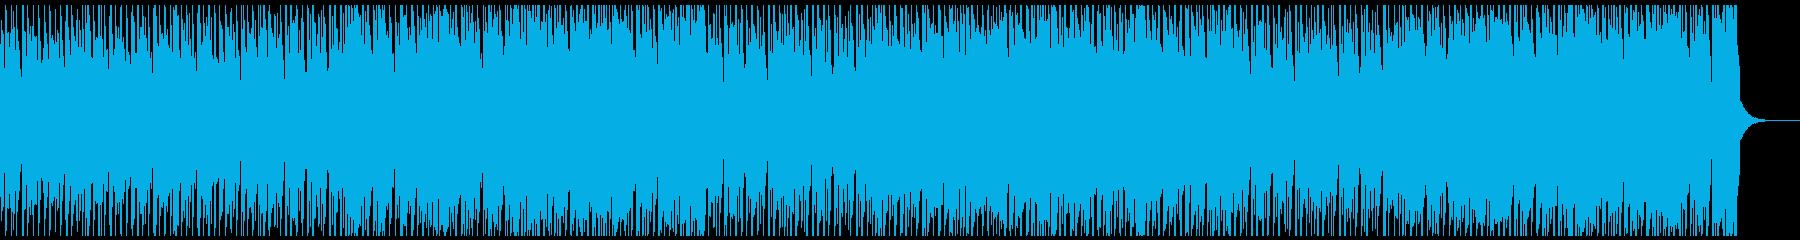 ゆったりテンポだけどスピード感の再生済みの波形